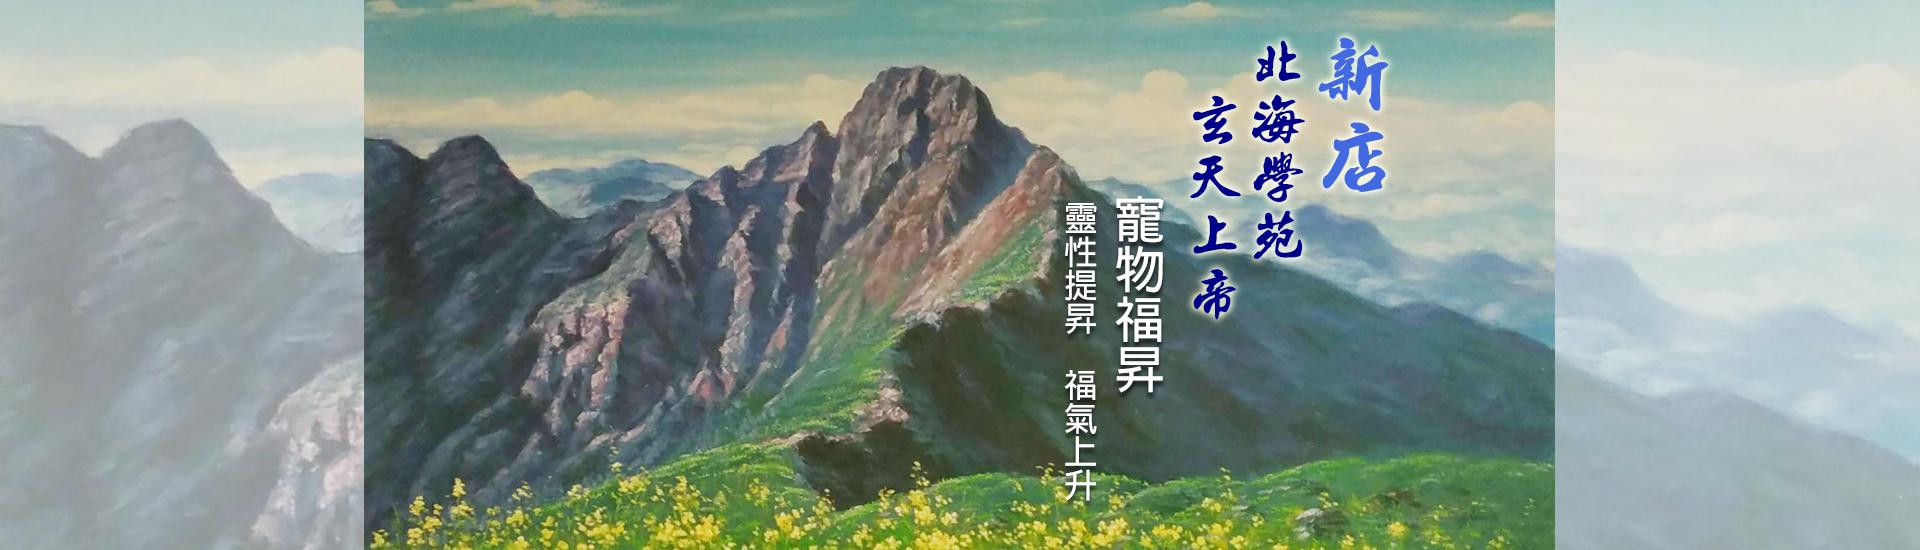 東湖瑤池金母寵物福安